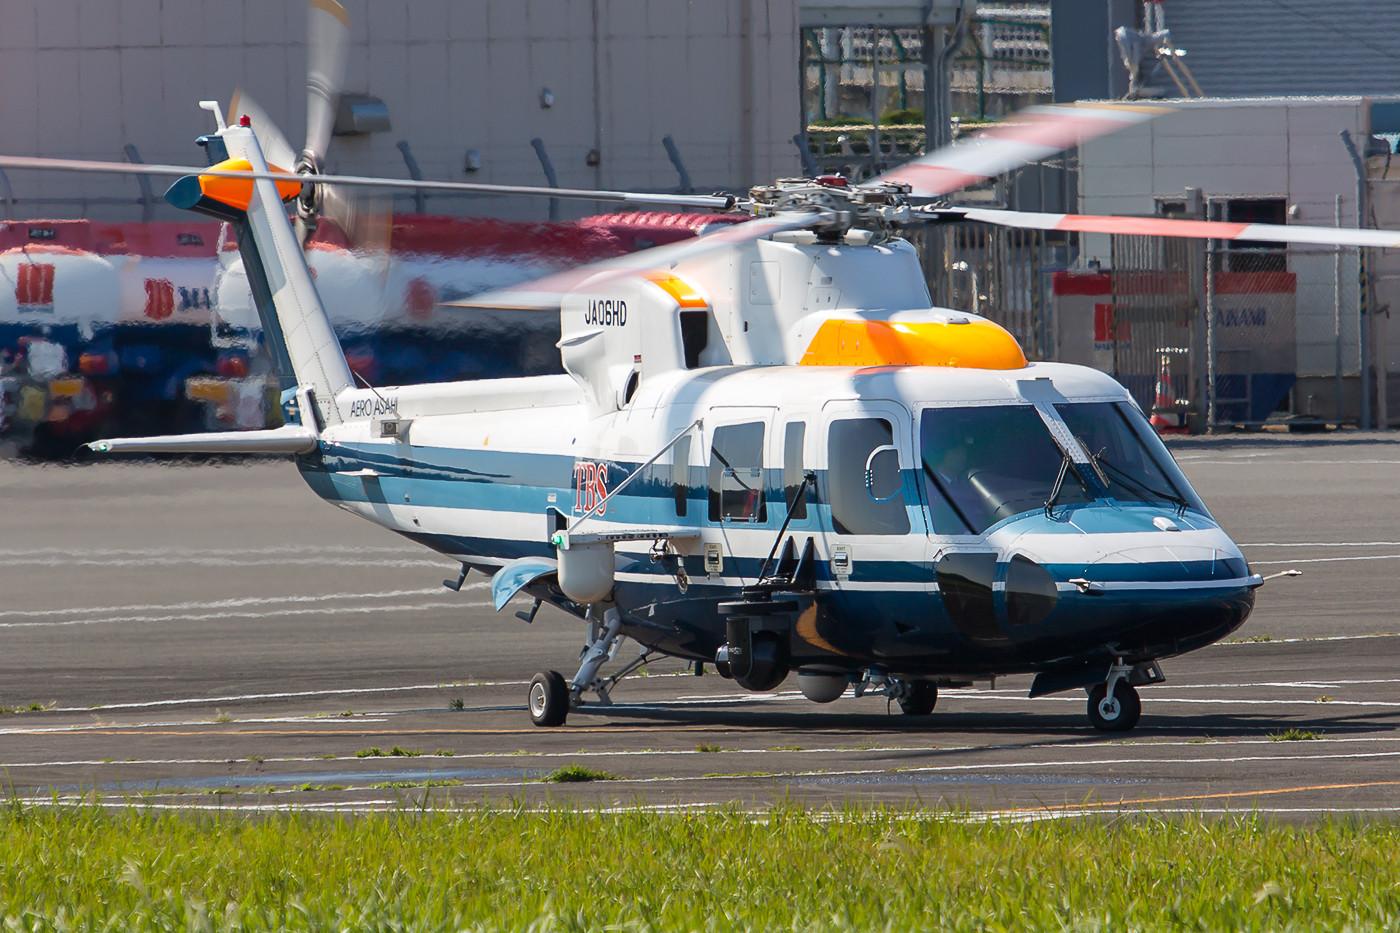 Abgestellt auf der Kompaßnadel zum Einstellen der Navigationsinstrumente war diese Sikorsky S-76 der Aero Asahi.